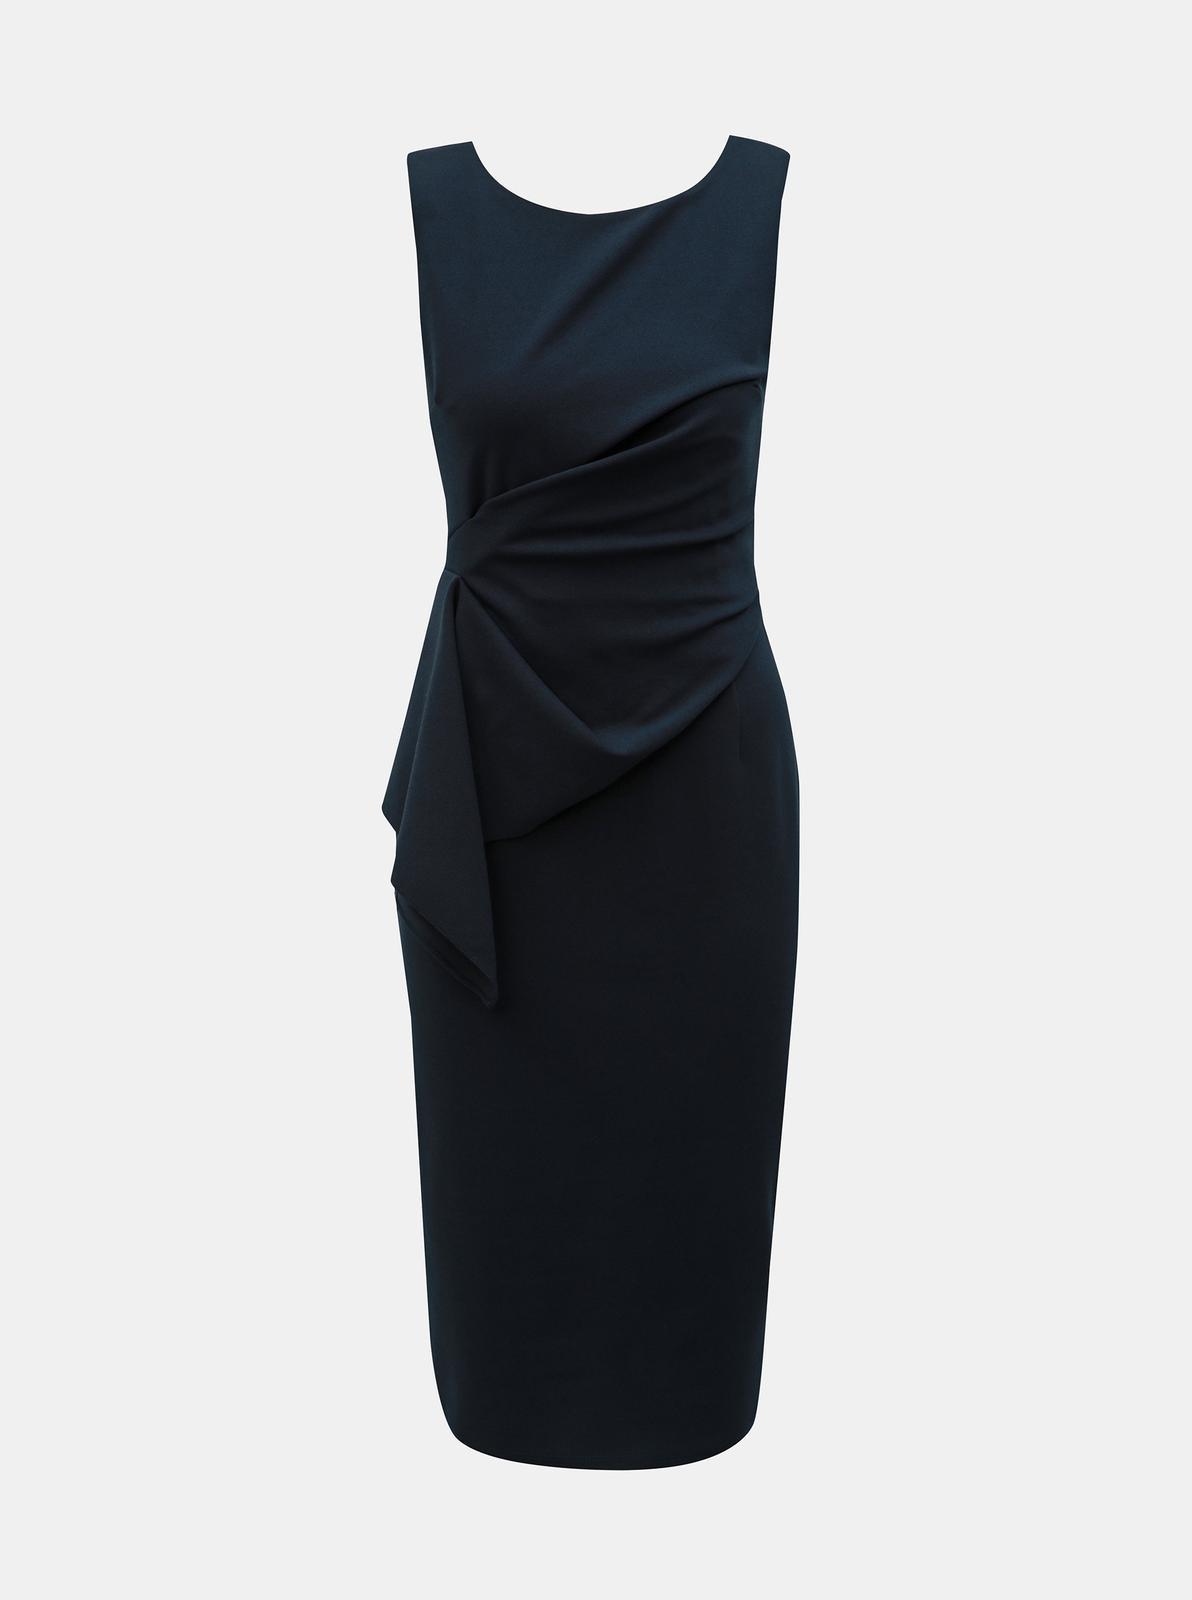 Tmavo modré puzdrové šaty Dorothy Perkins - 36 - Obrázok č. 1